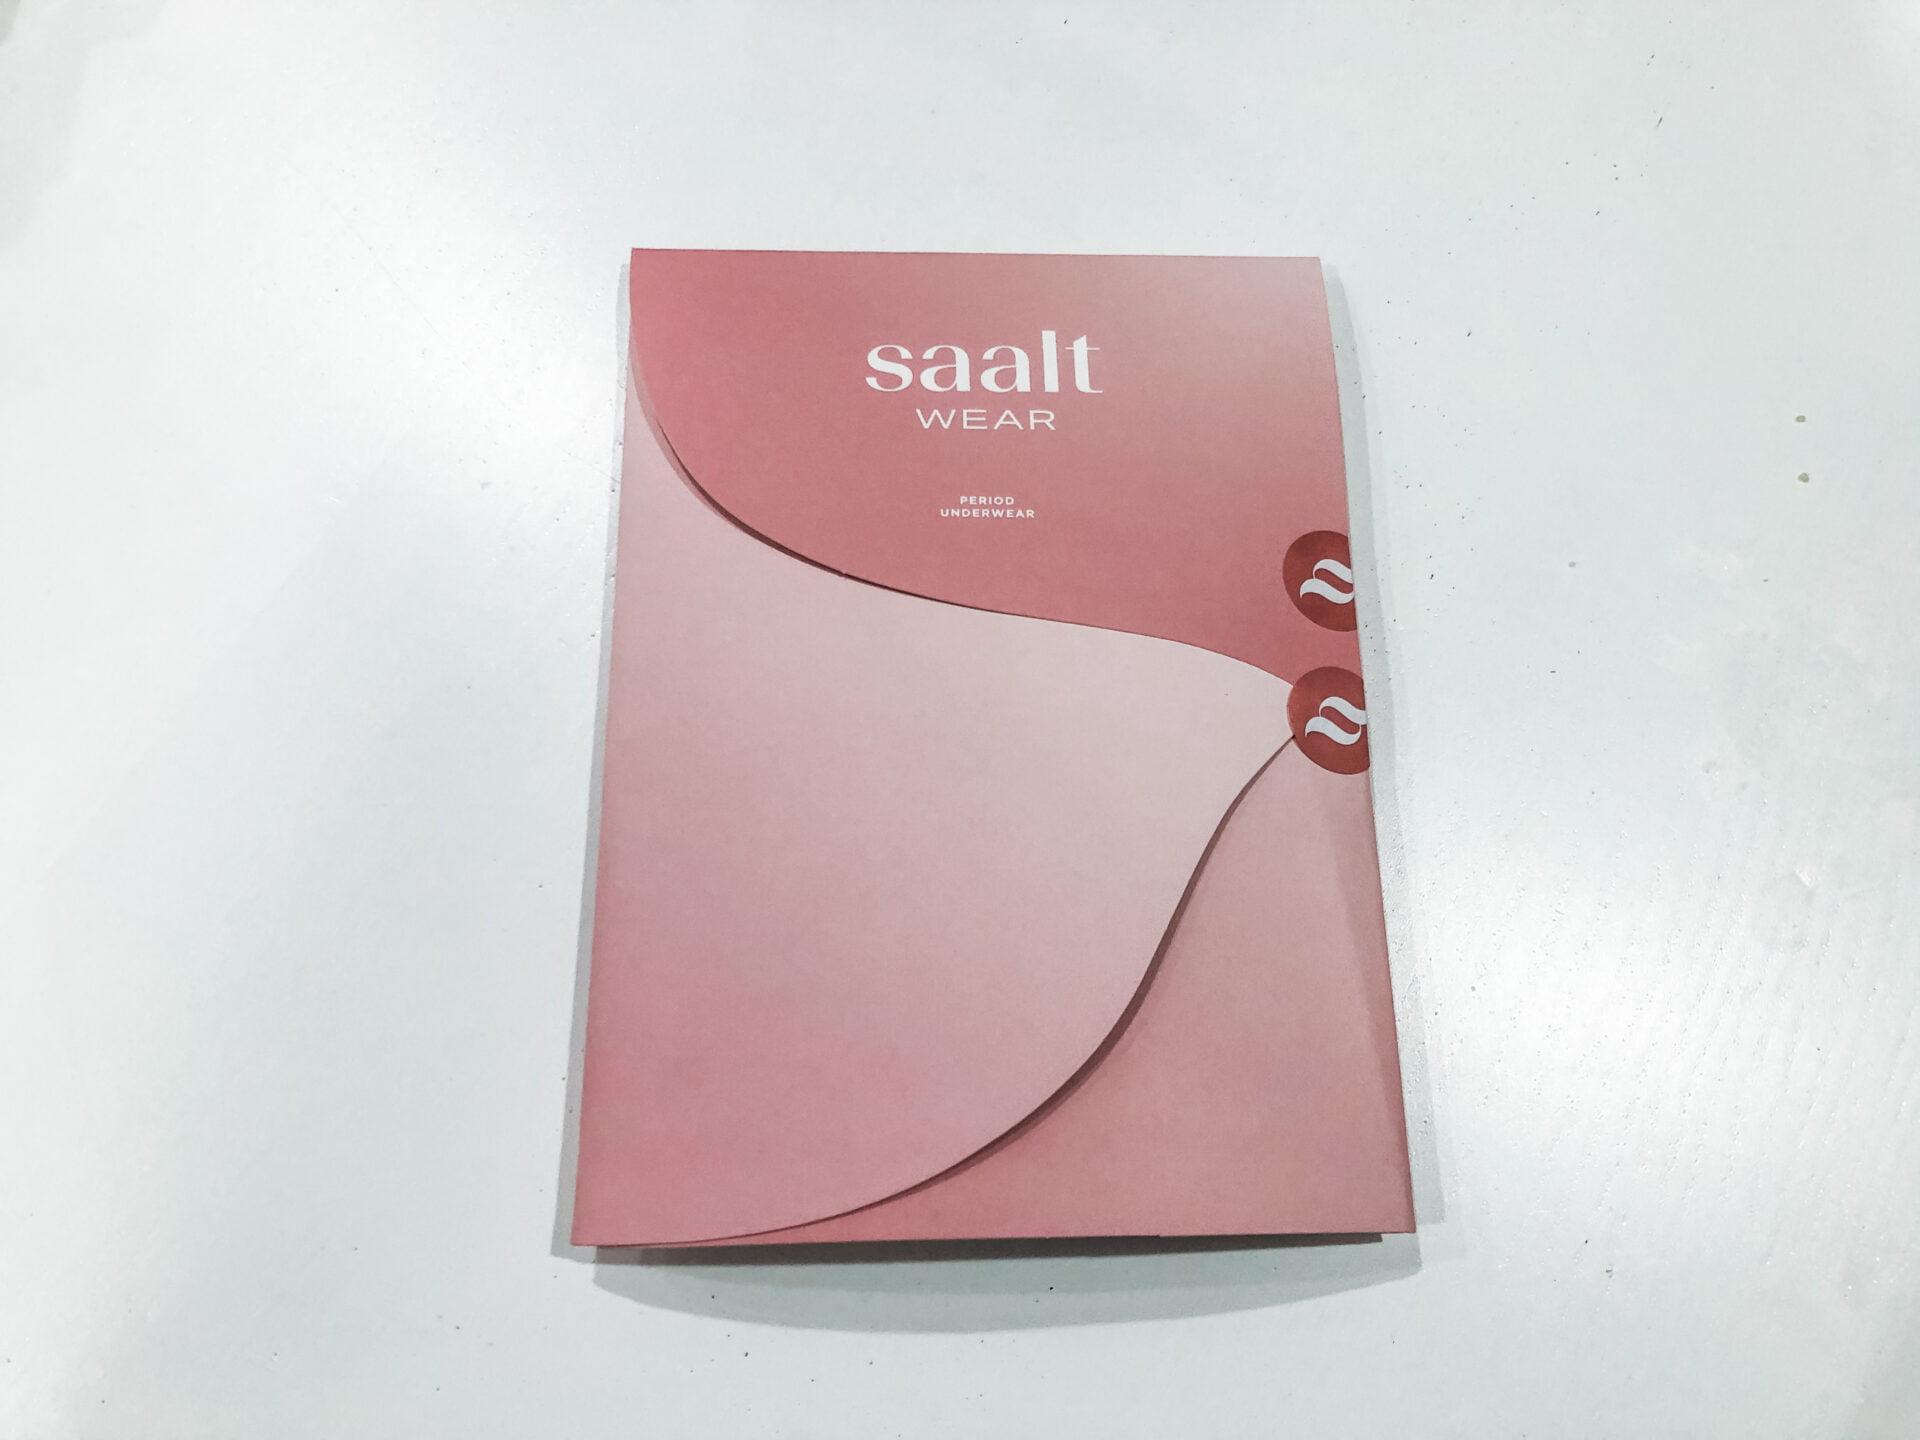 Saalt Period Underwear front cover